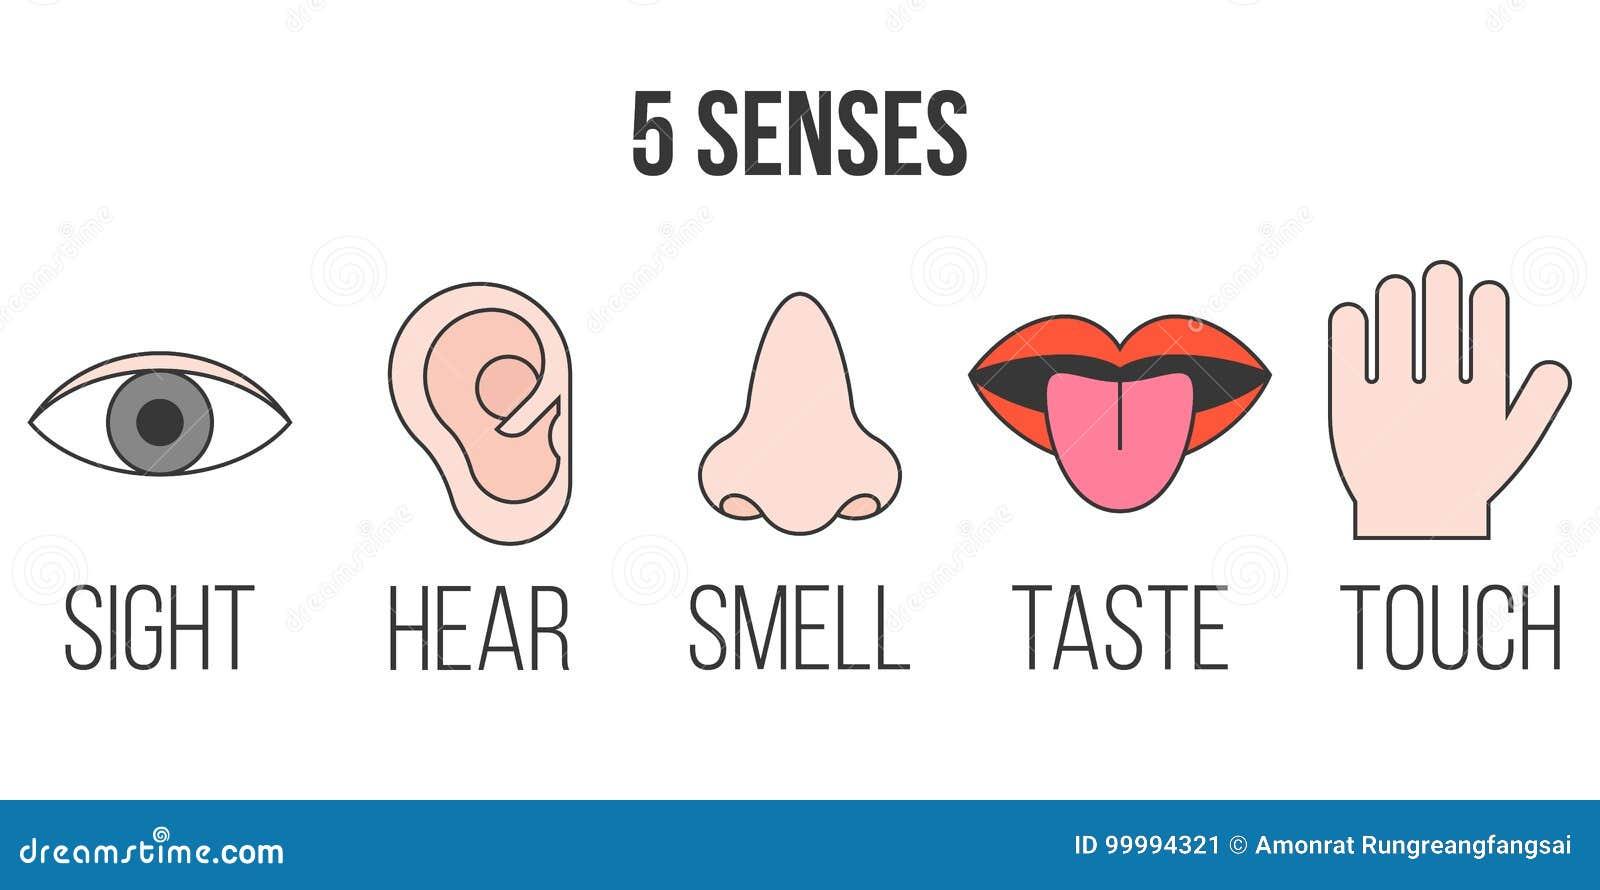 Icono de 5 sentidos